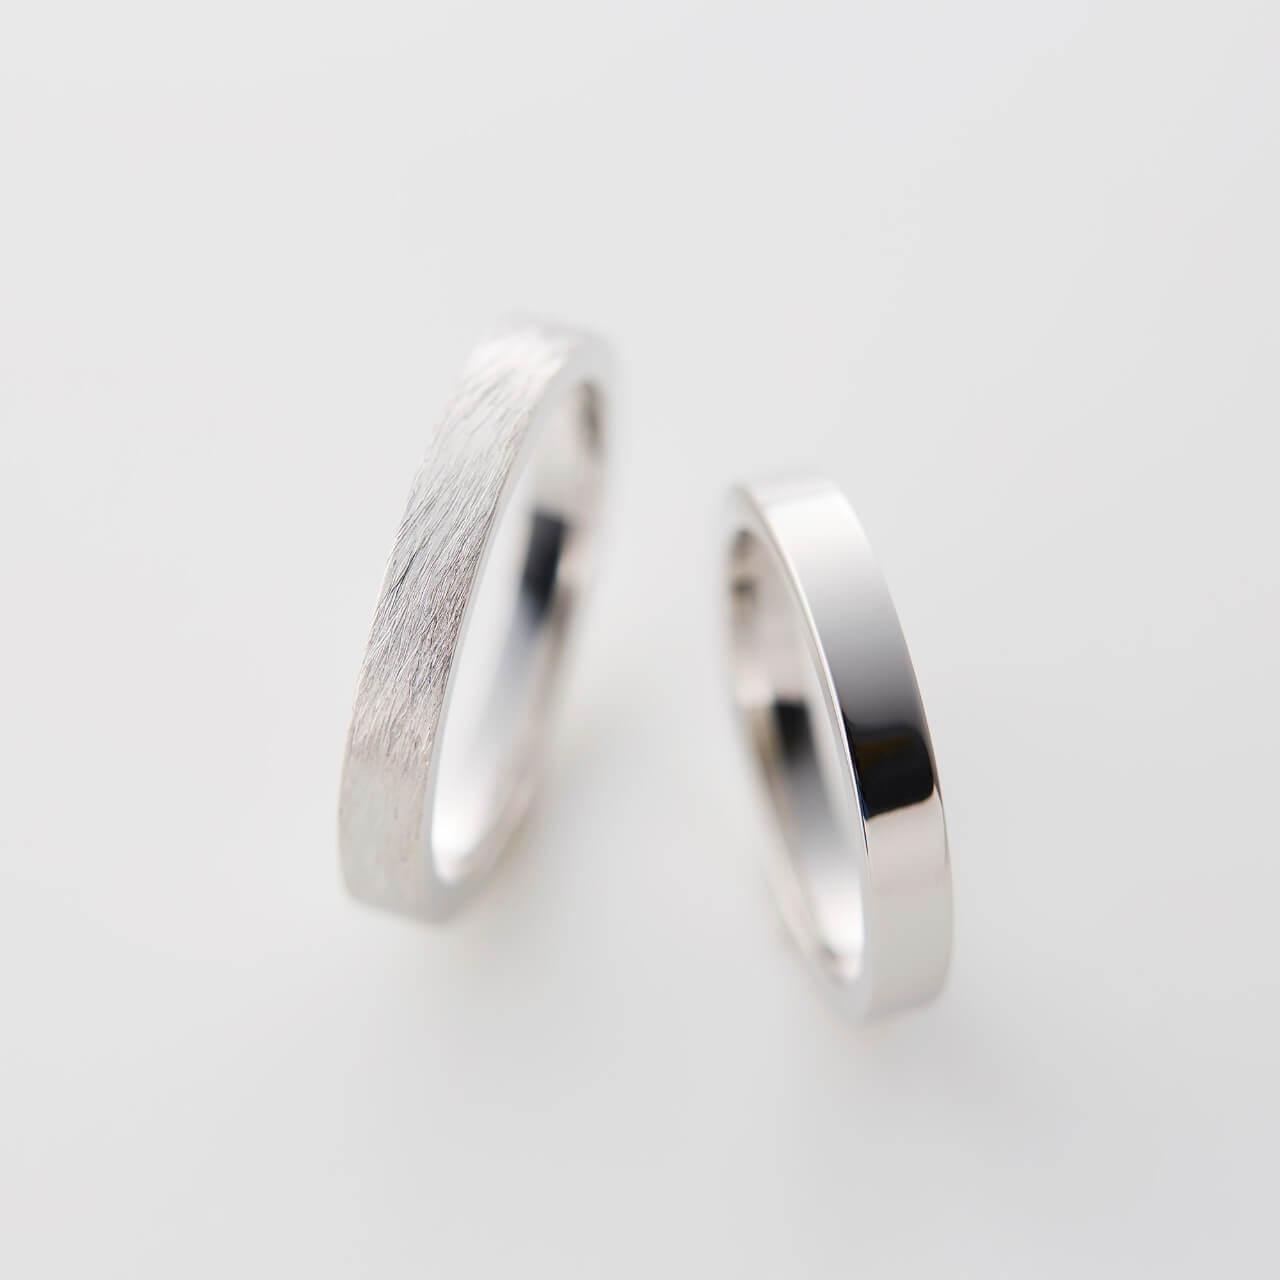 プラチナの平打ちストレートの結婚指輪